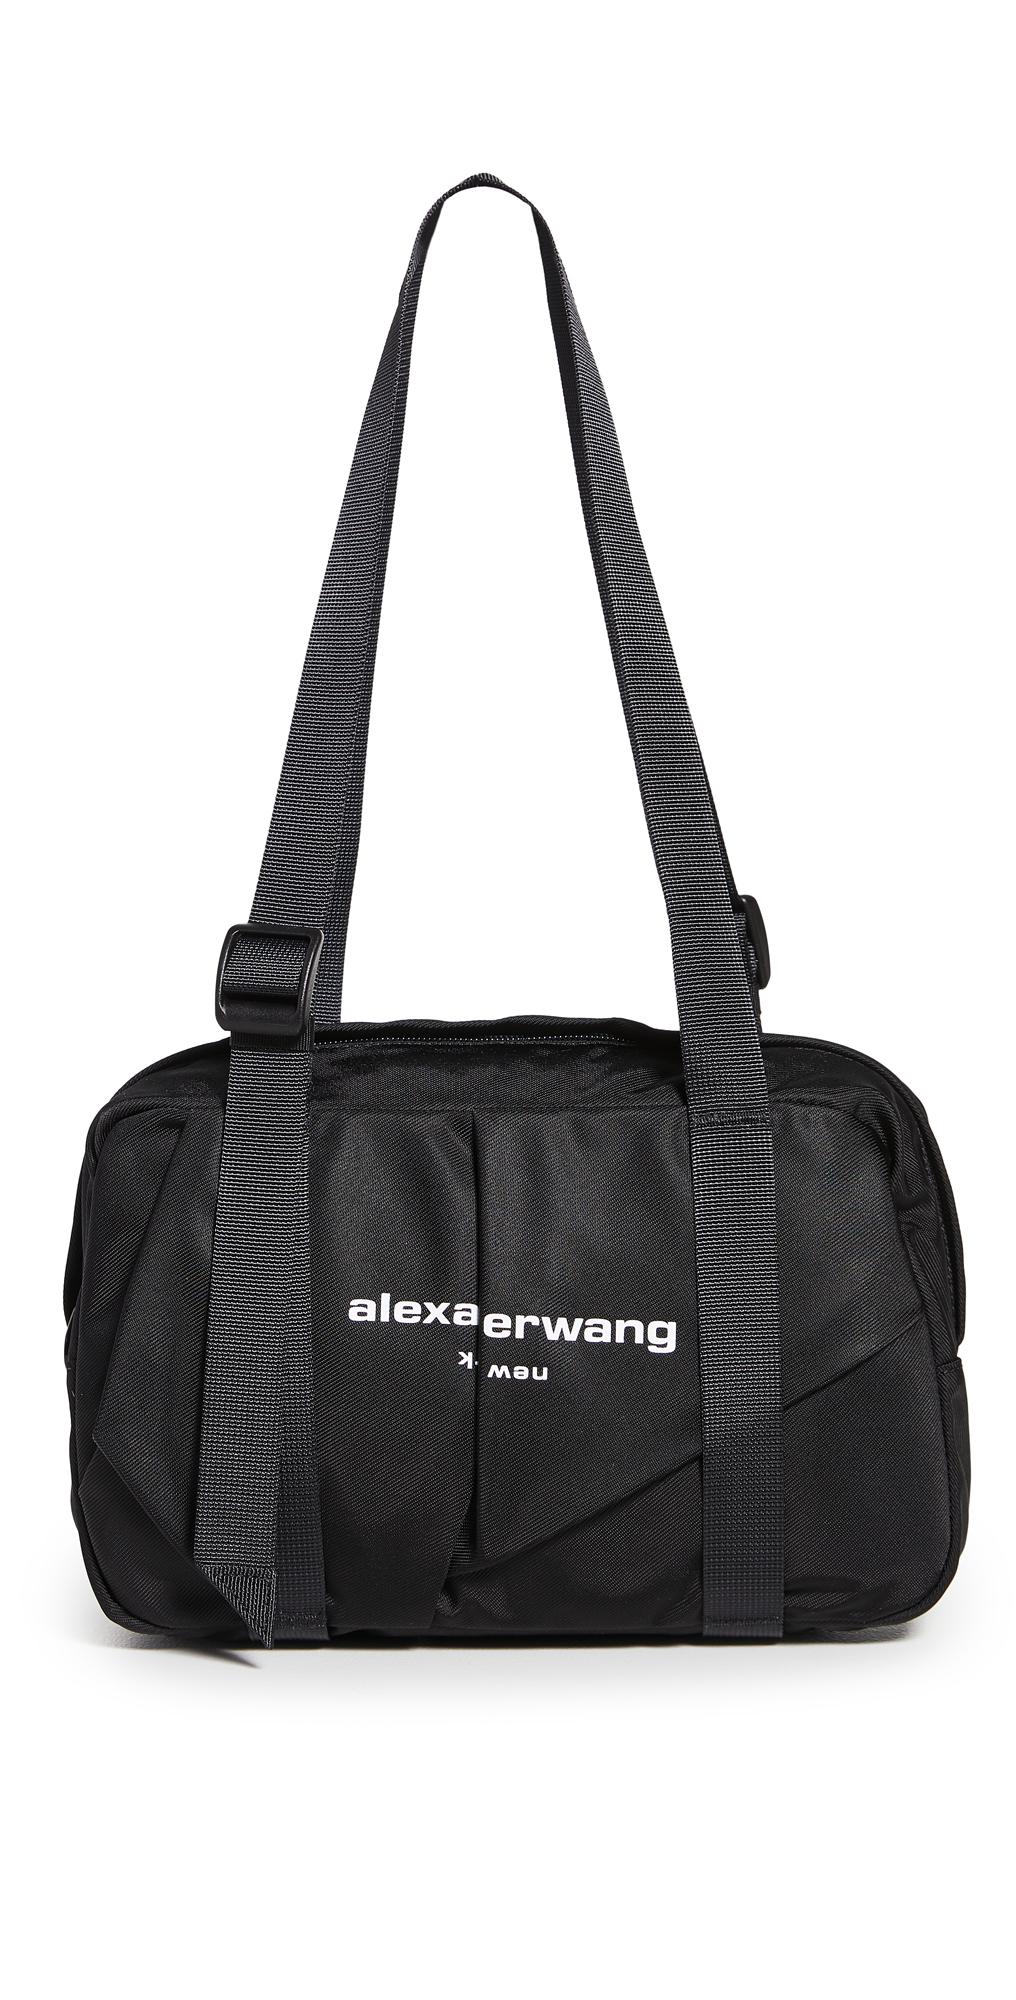 Alexander Wang Wangsport Medium Duffle